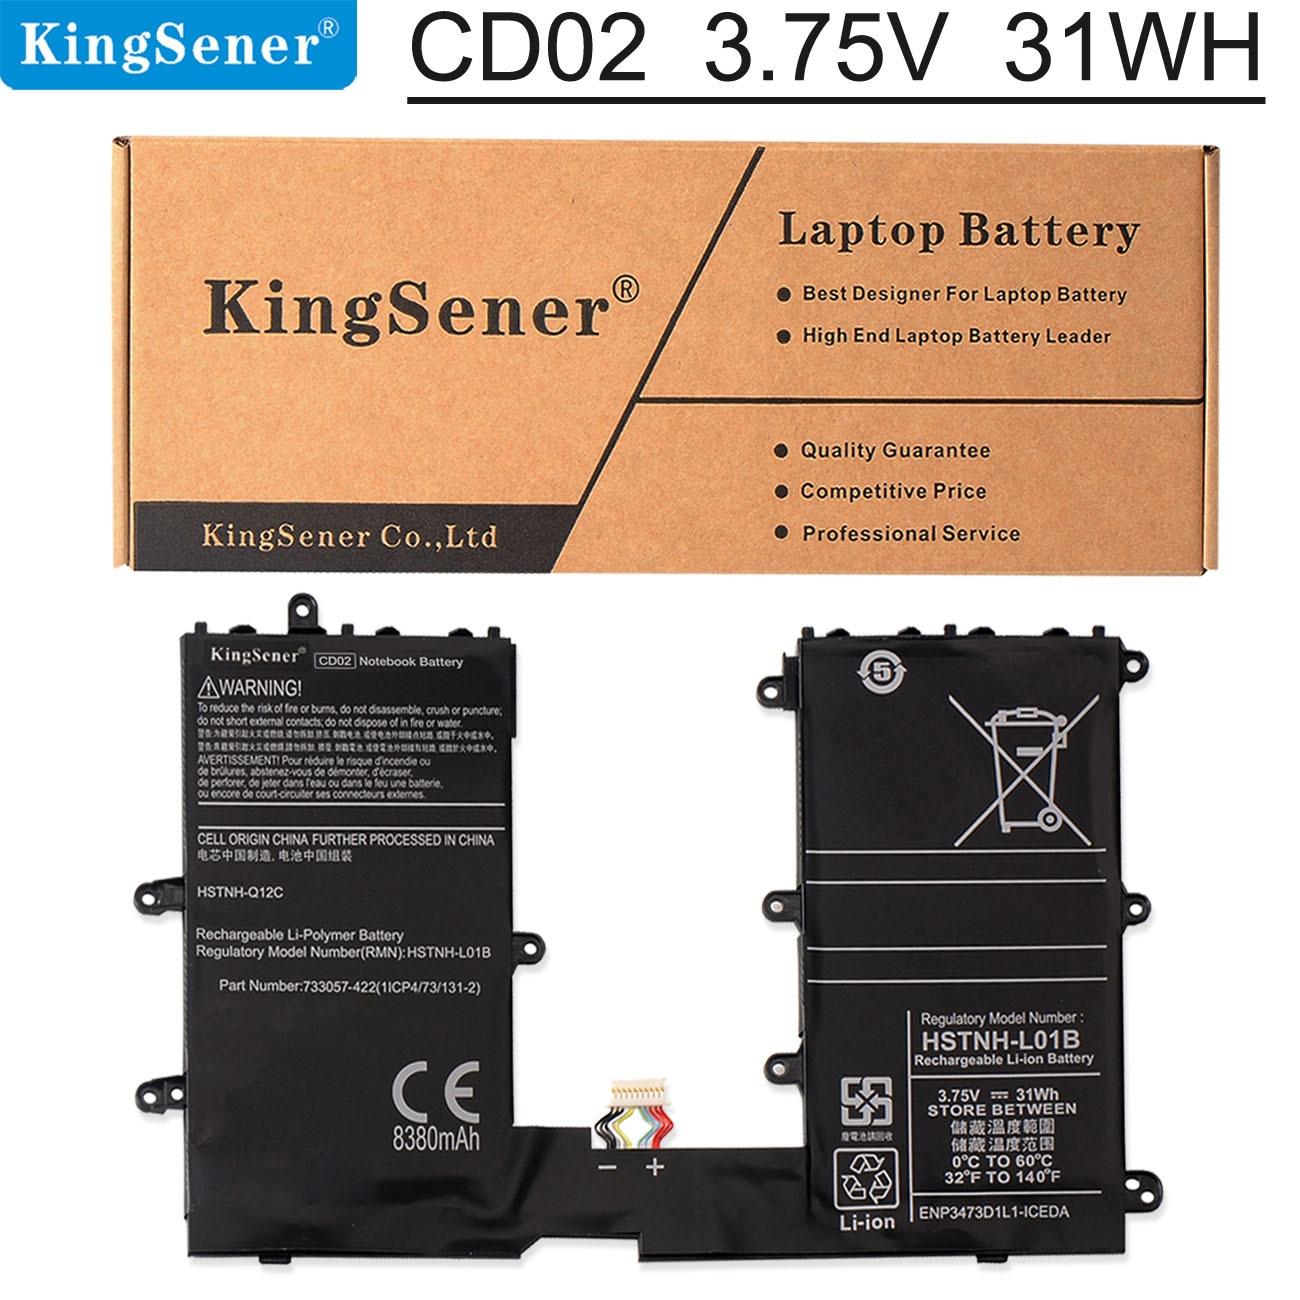 KingSener 3.75V 31WH CD02 Laptop Battery for HP Pro 610 G1 Omni10 Tablet HSTNN-Q12C HSTNN-L01B 74047